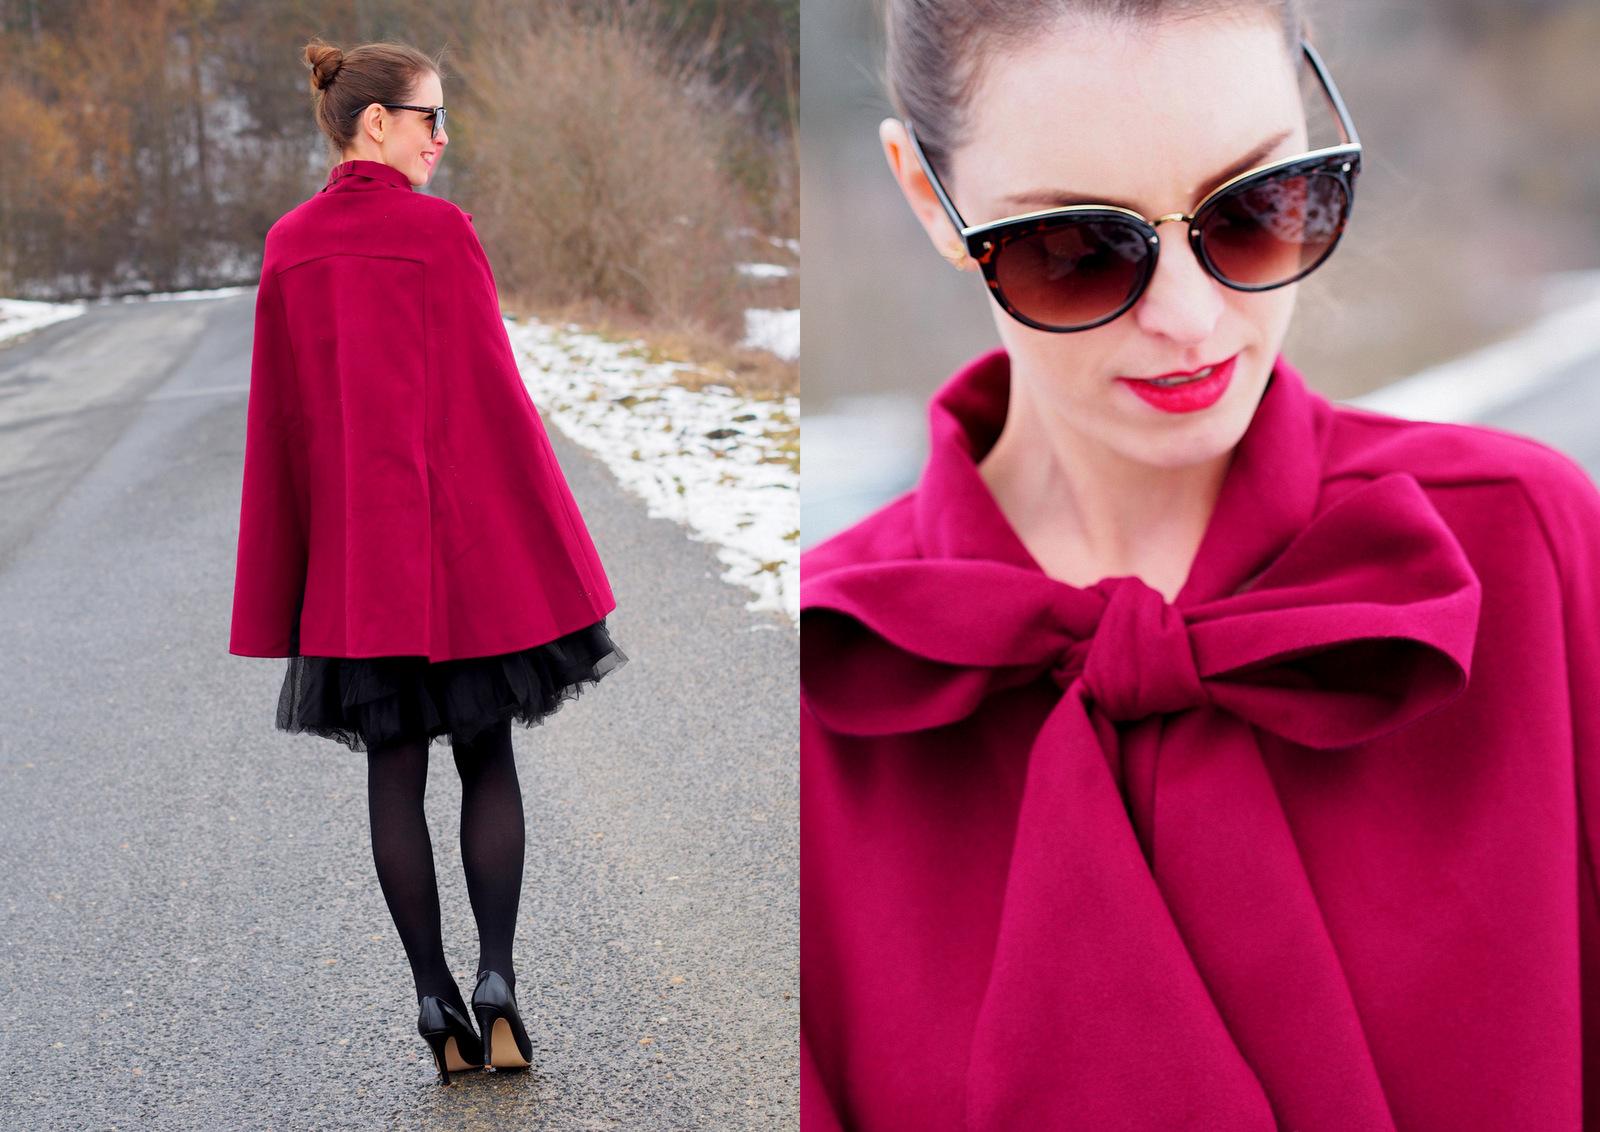 elegantný outfit v peleríne s veľkou mašľou  // tipy ako nosiť pelerínu